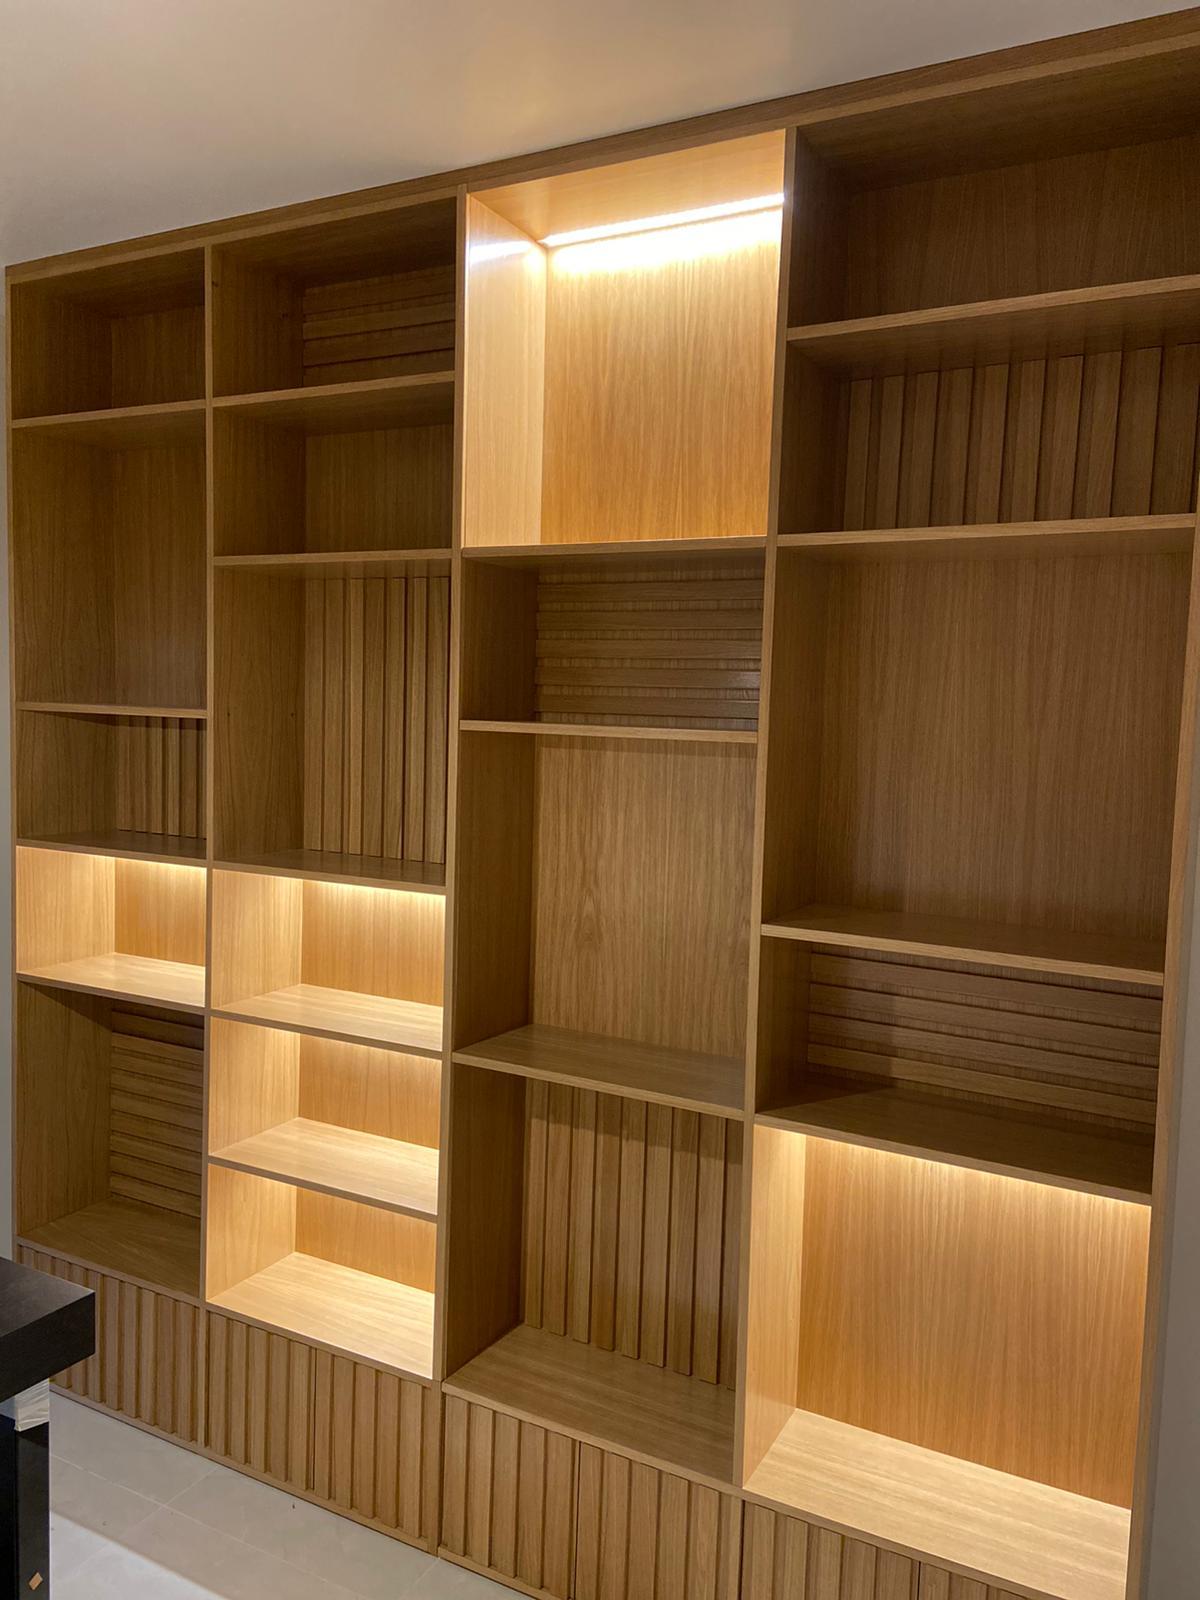 Librería de roble con iluminación led